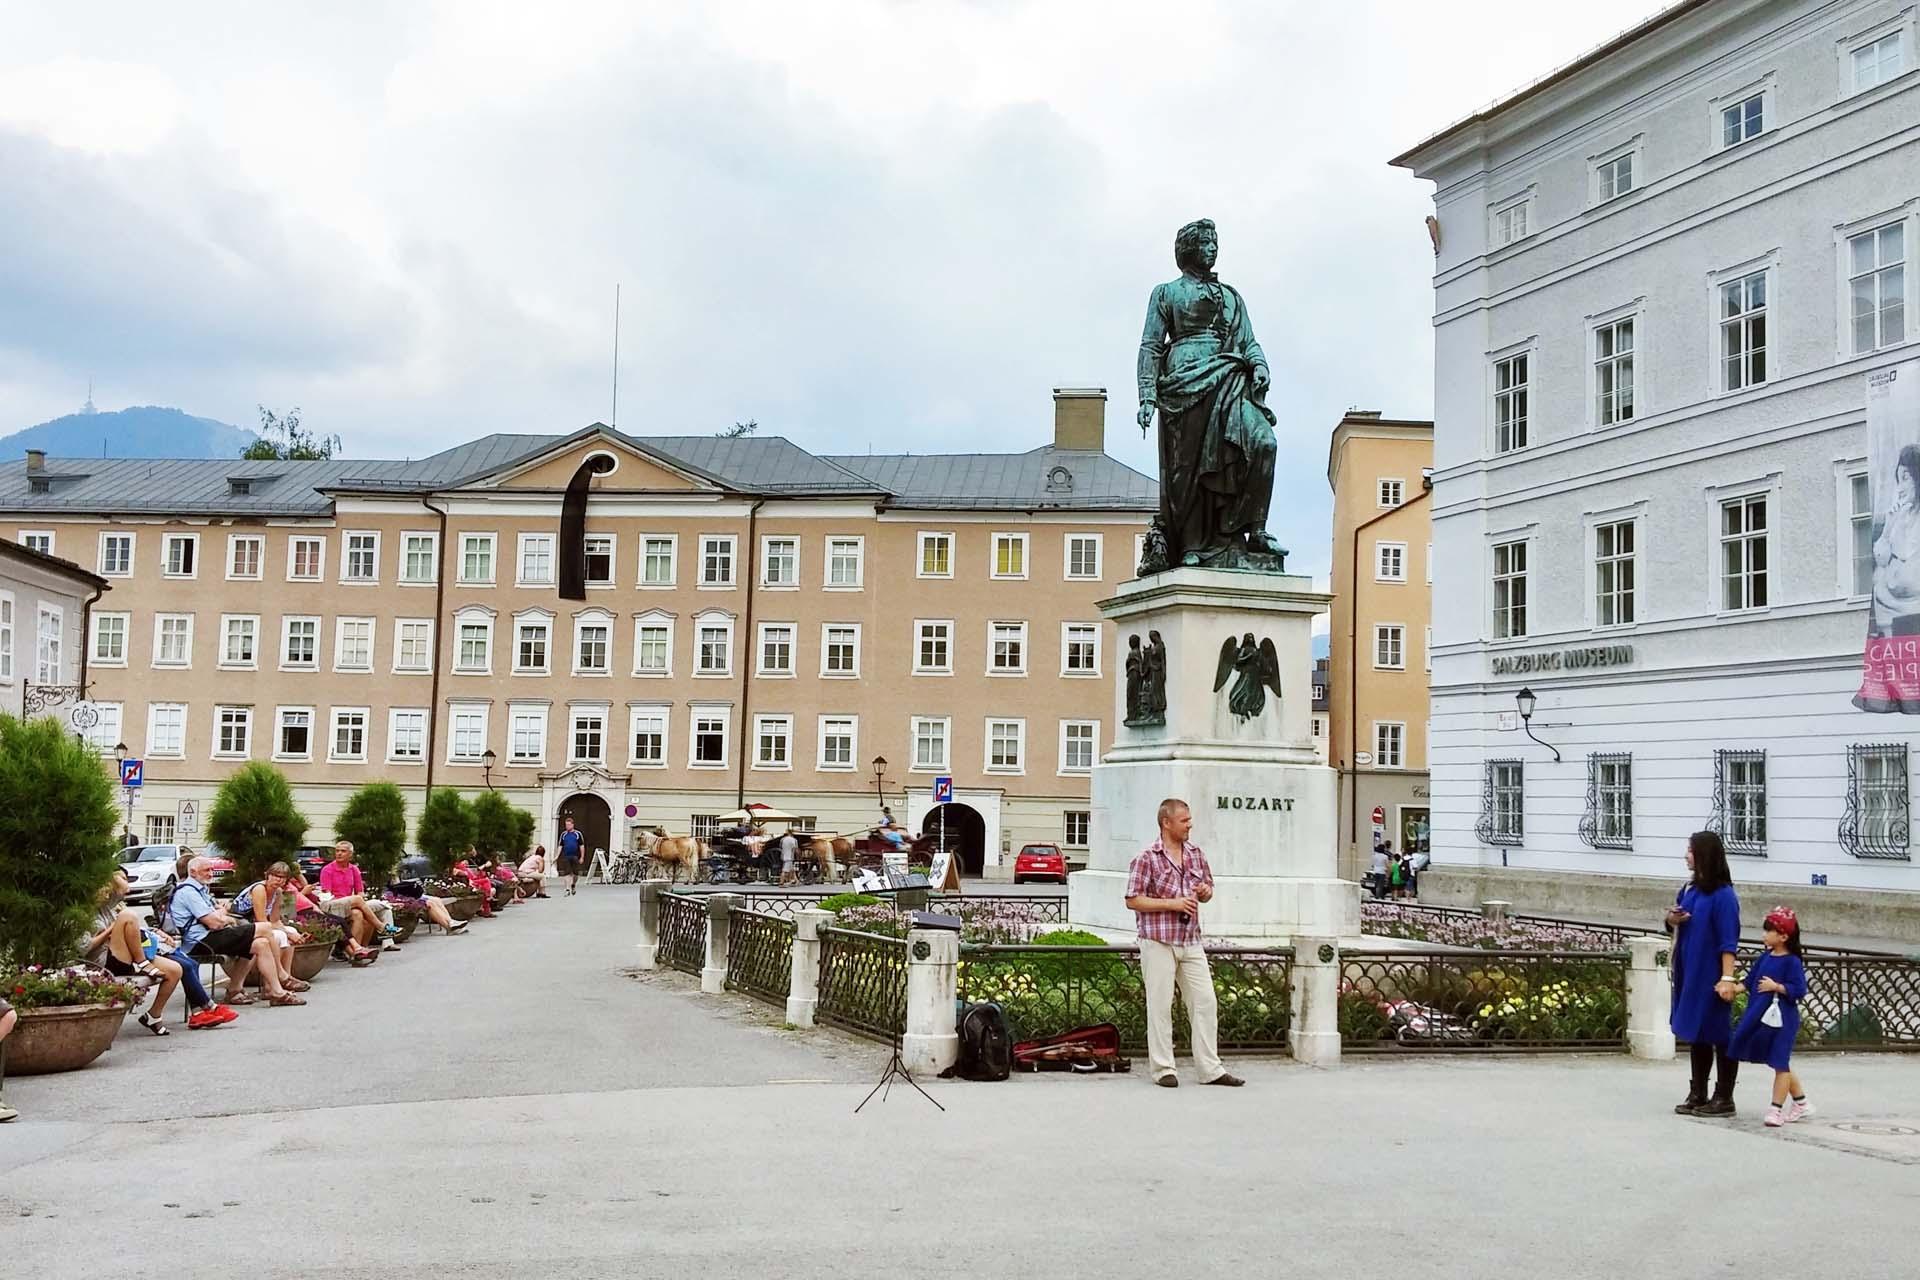 Mozartplatz in downtown Salzburg, Austria